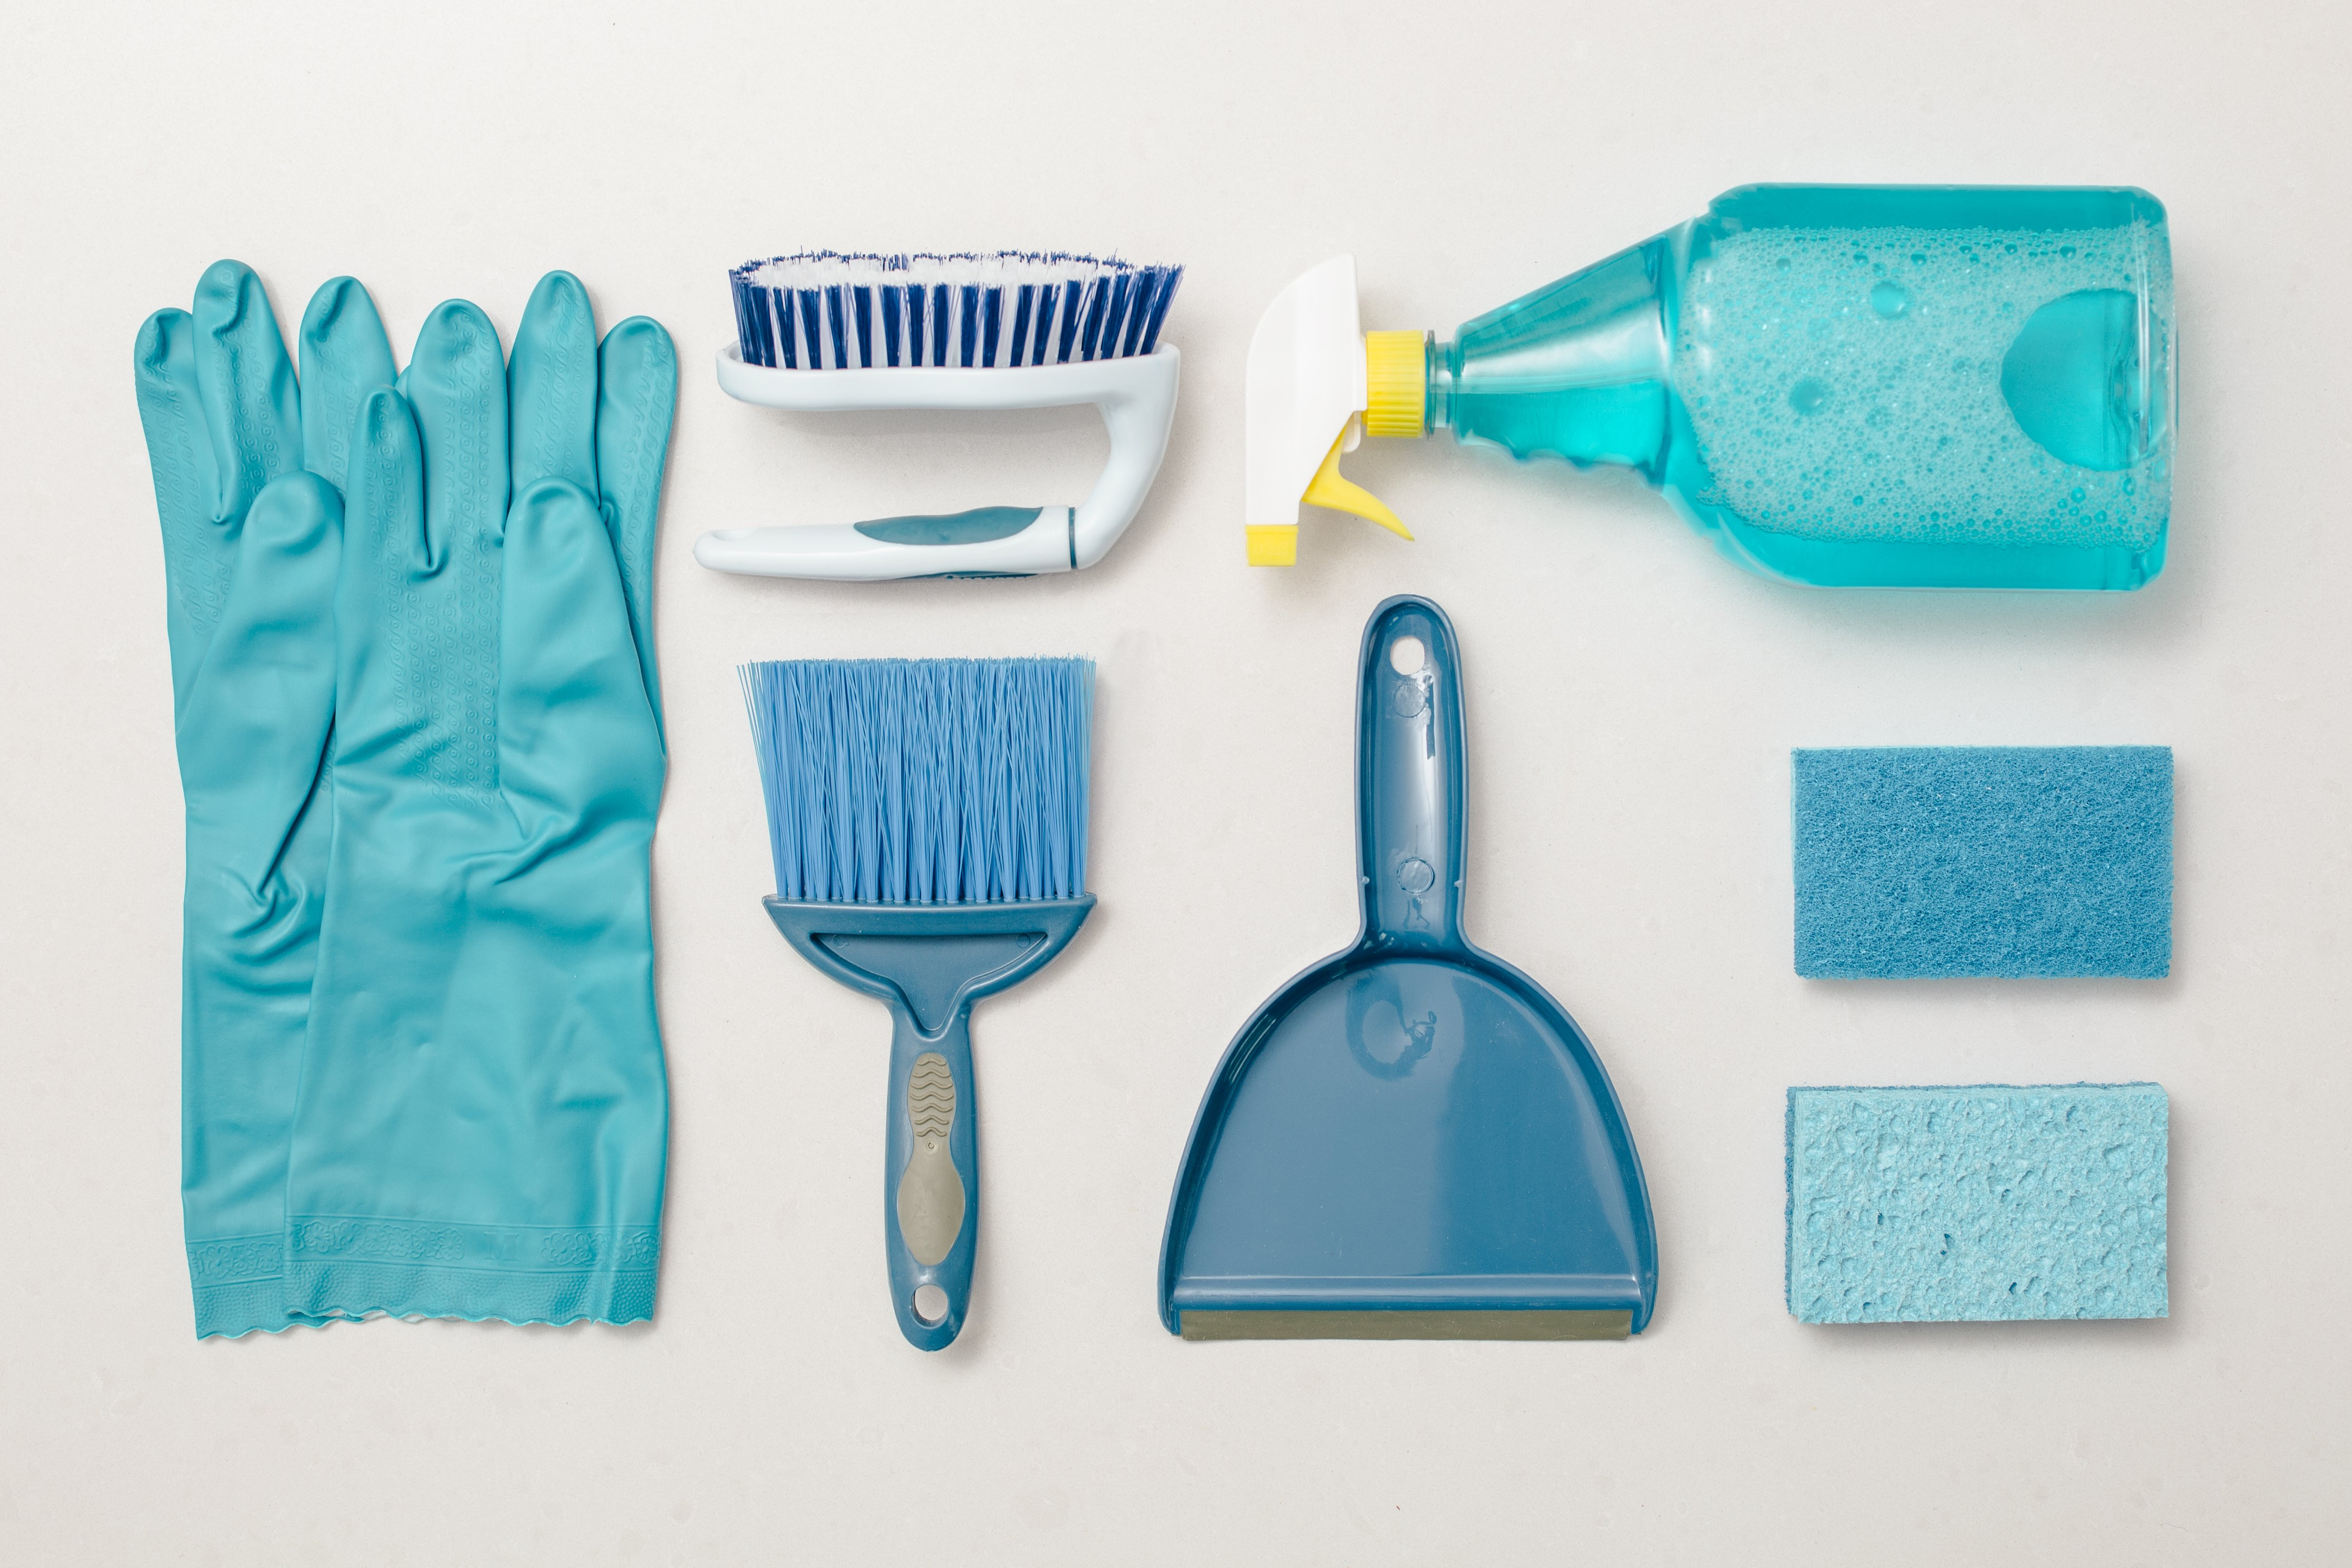 Bacteriile de acasa – unde sunt si cum evitam raspandirea lor?